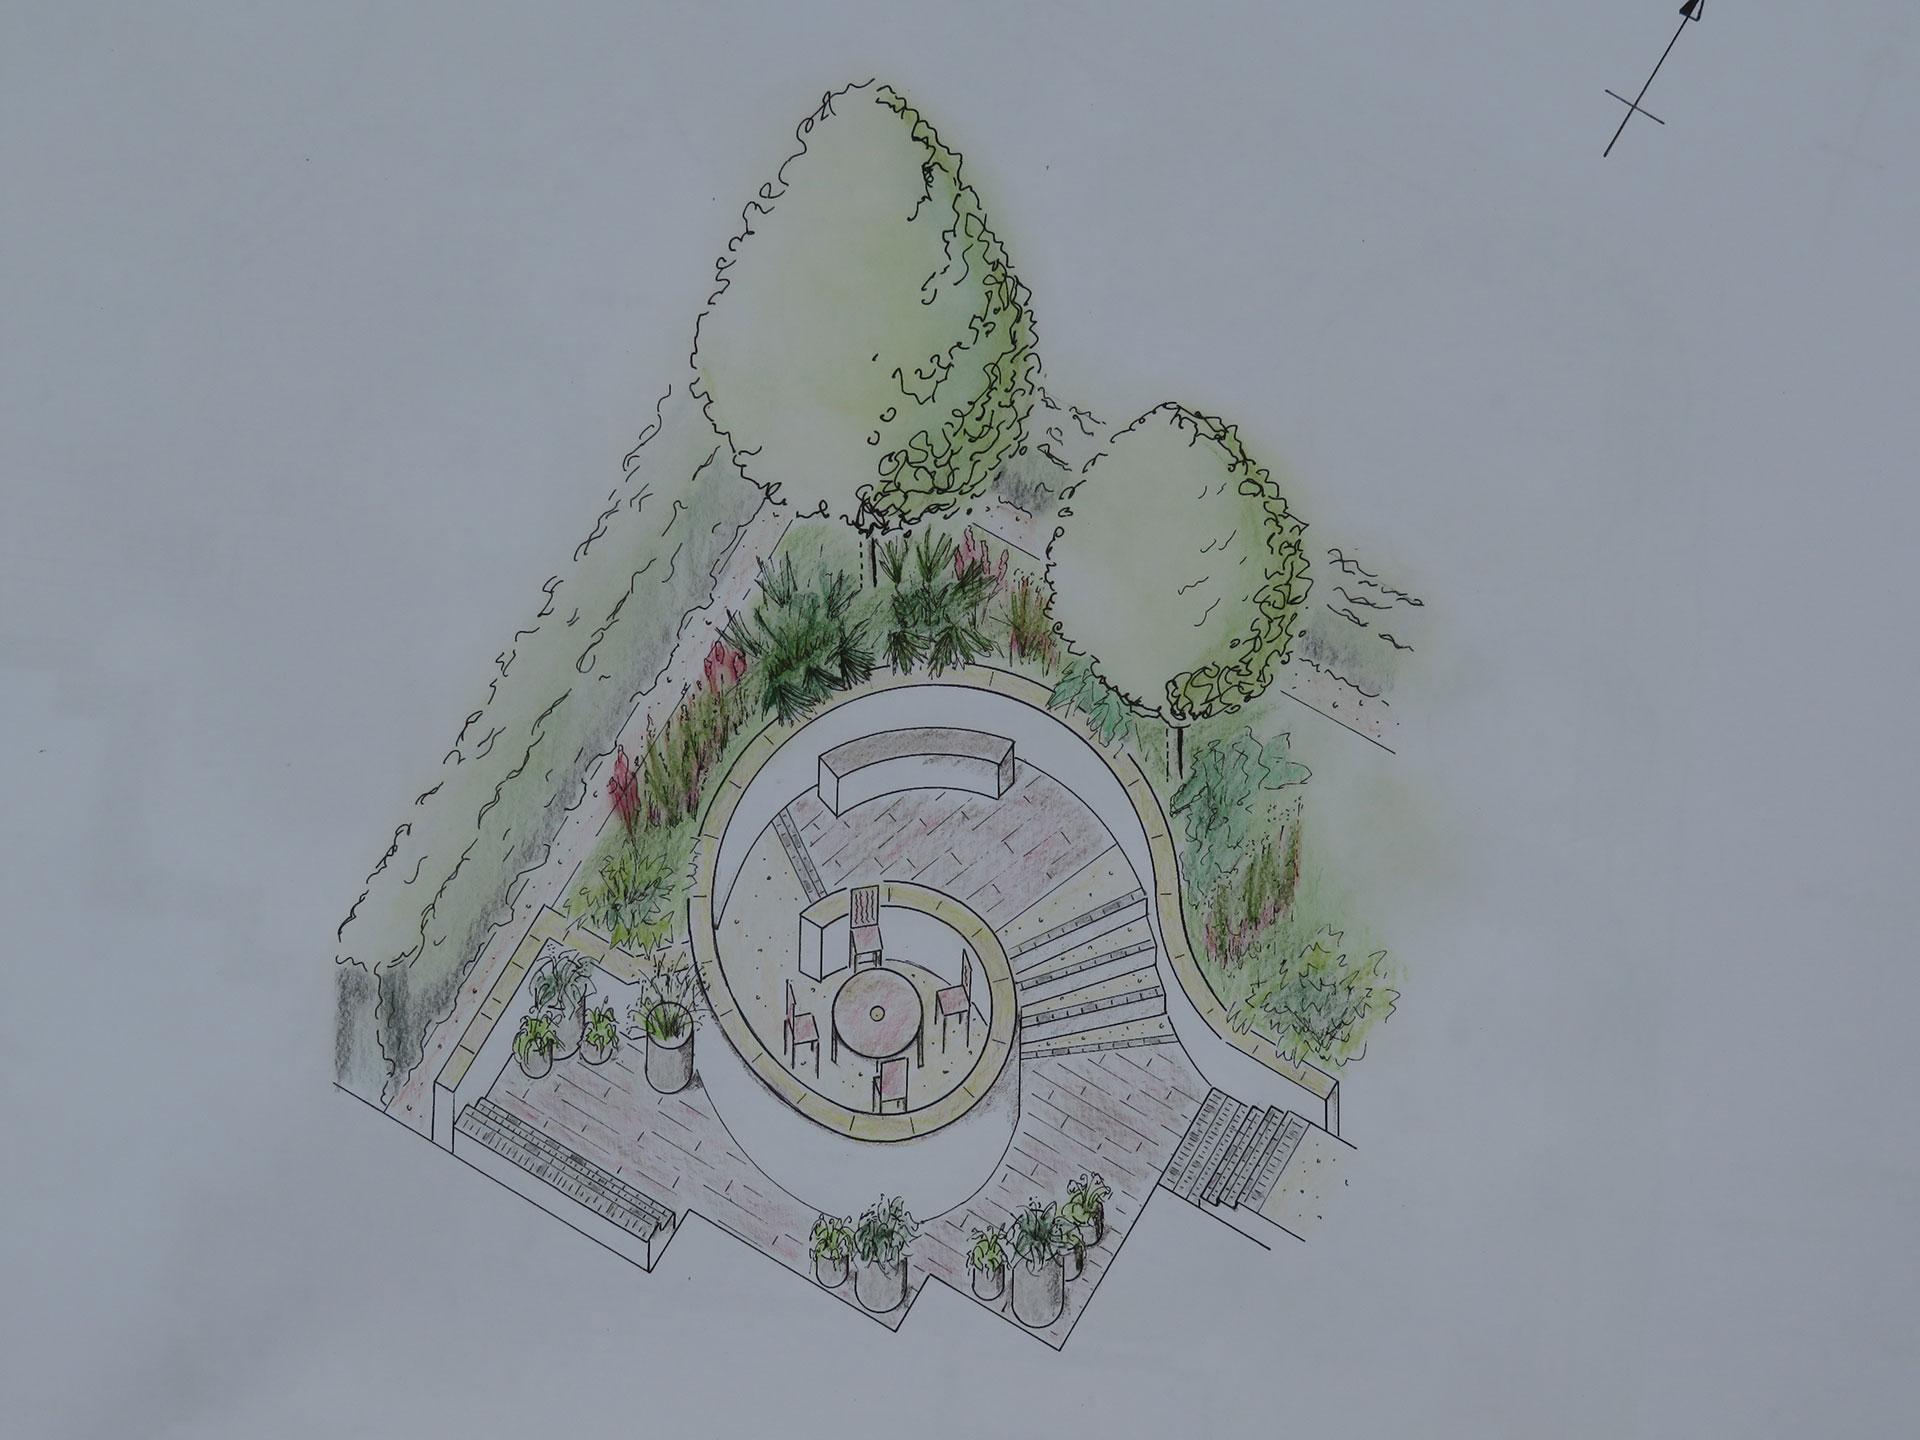 landscape-designer-hadley-wood